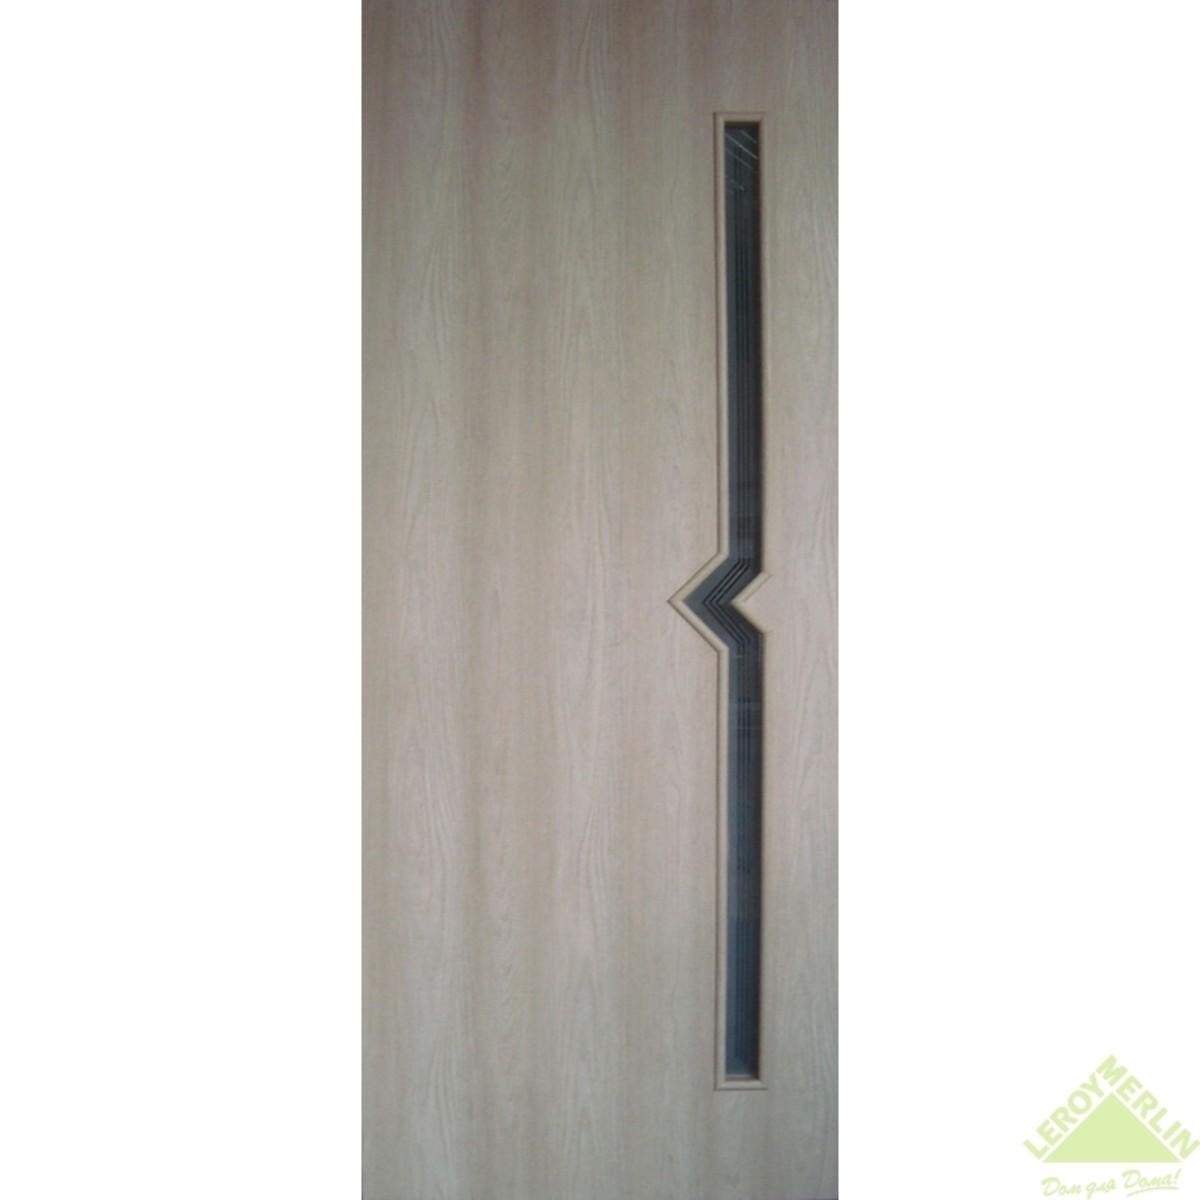 Дверное полотно остеклённое Вега 900x2000 мм ясень с фурнитурой